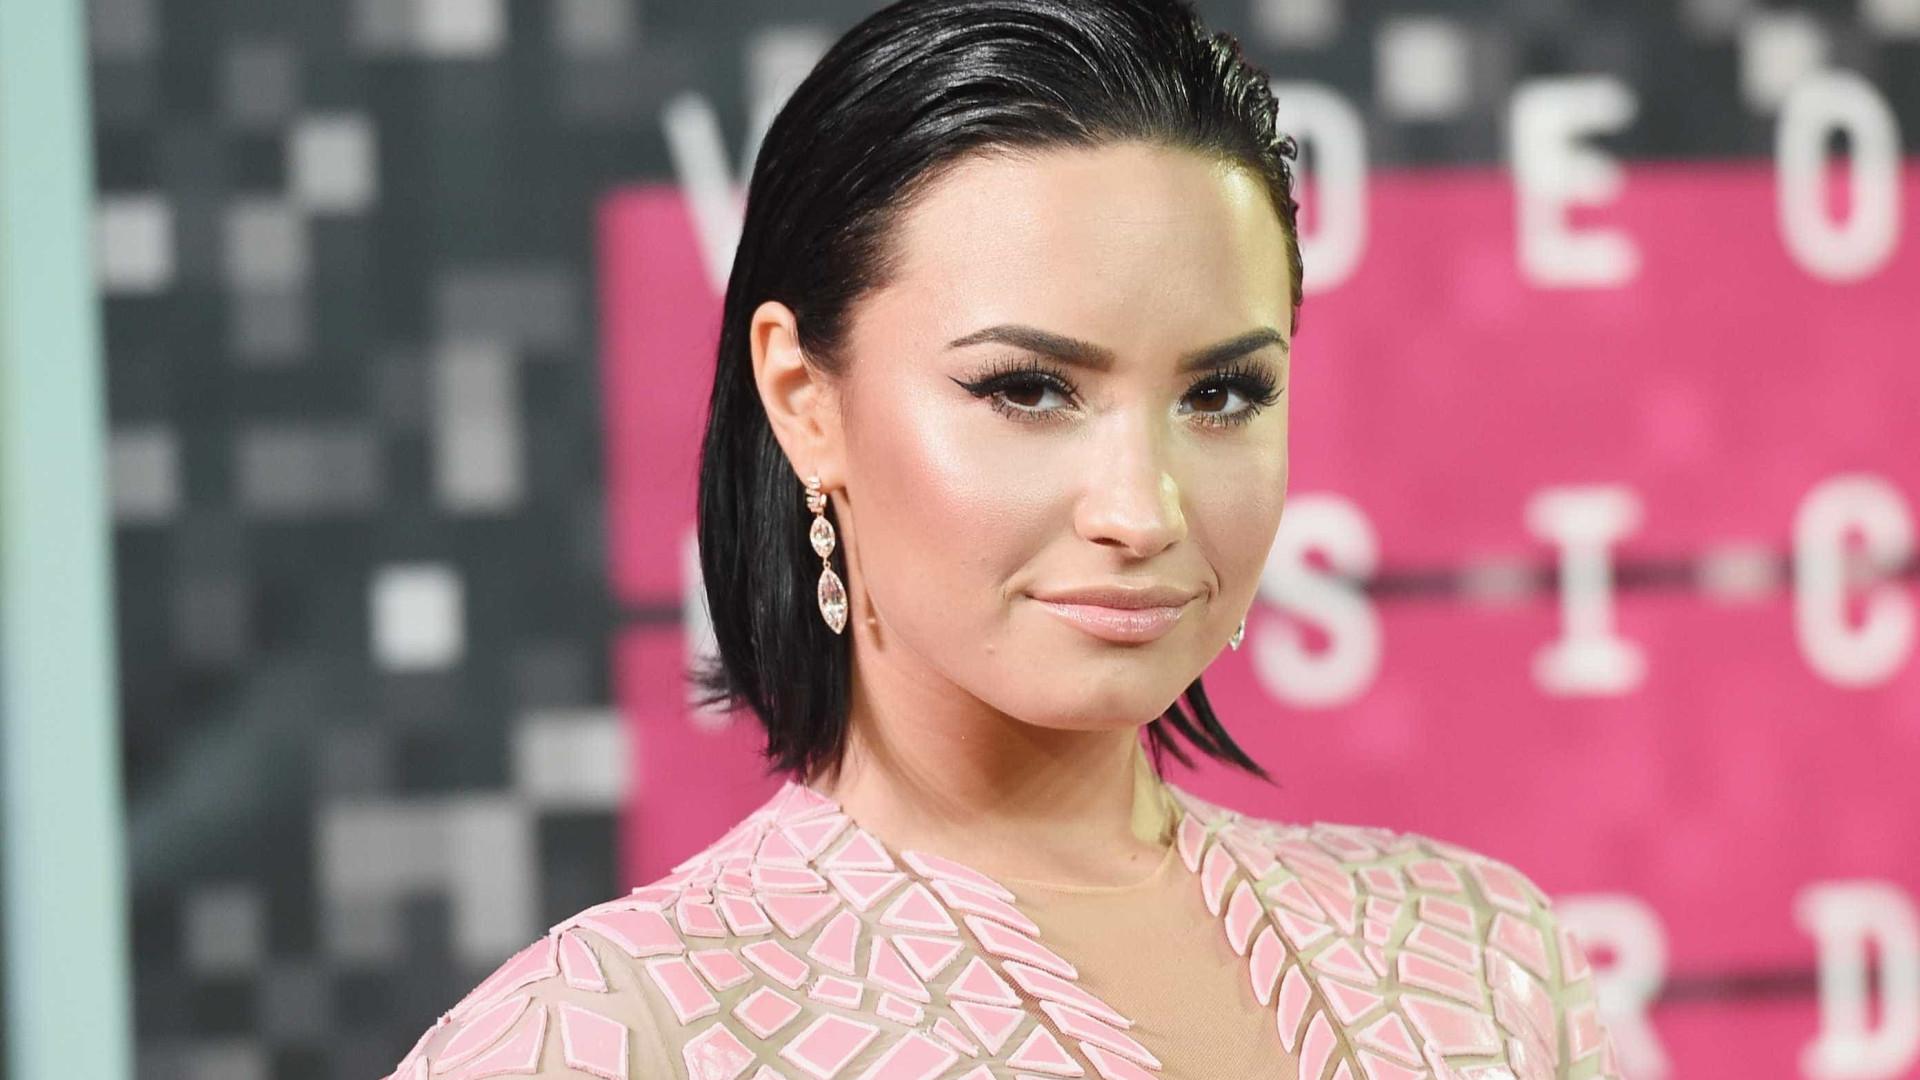 Hoje, Demi Lovato faria as coisas de forma diferente (e explica porquê)